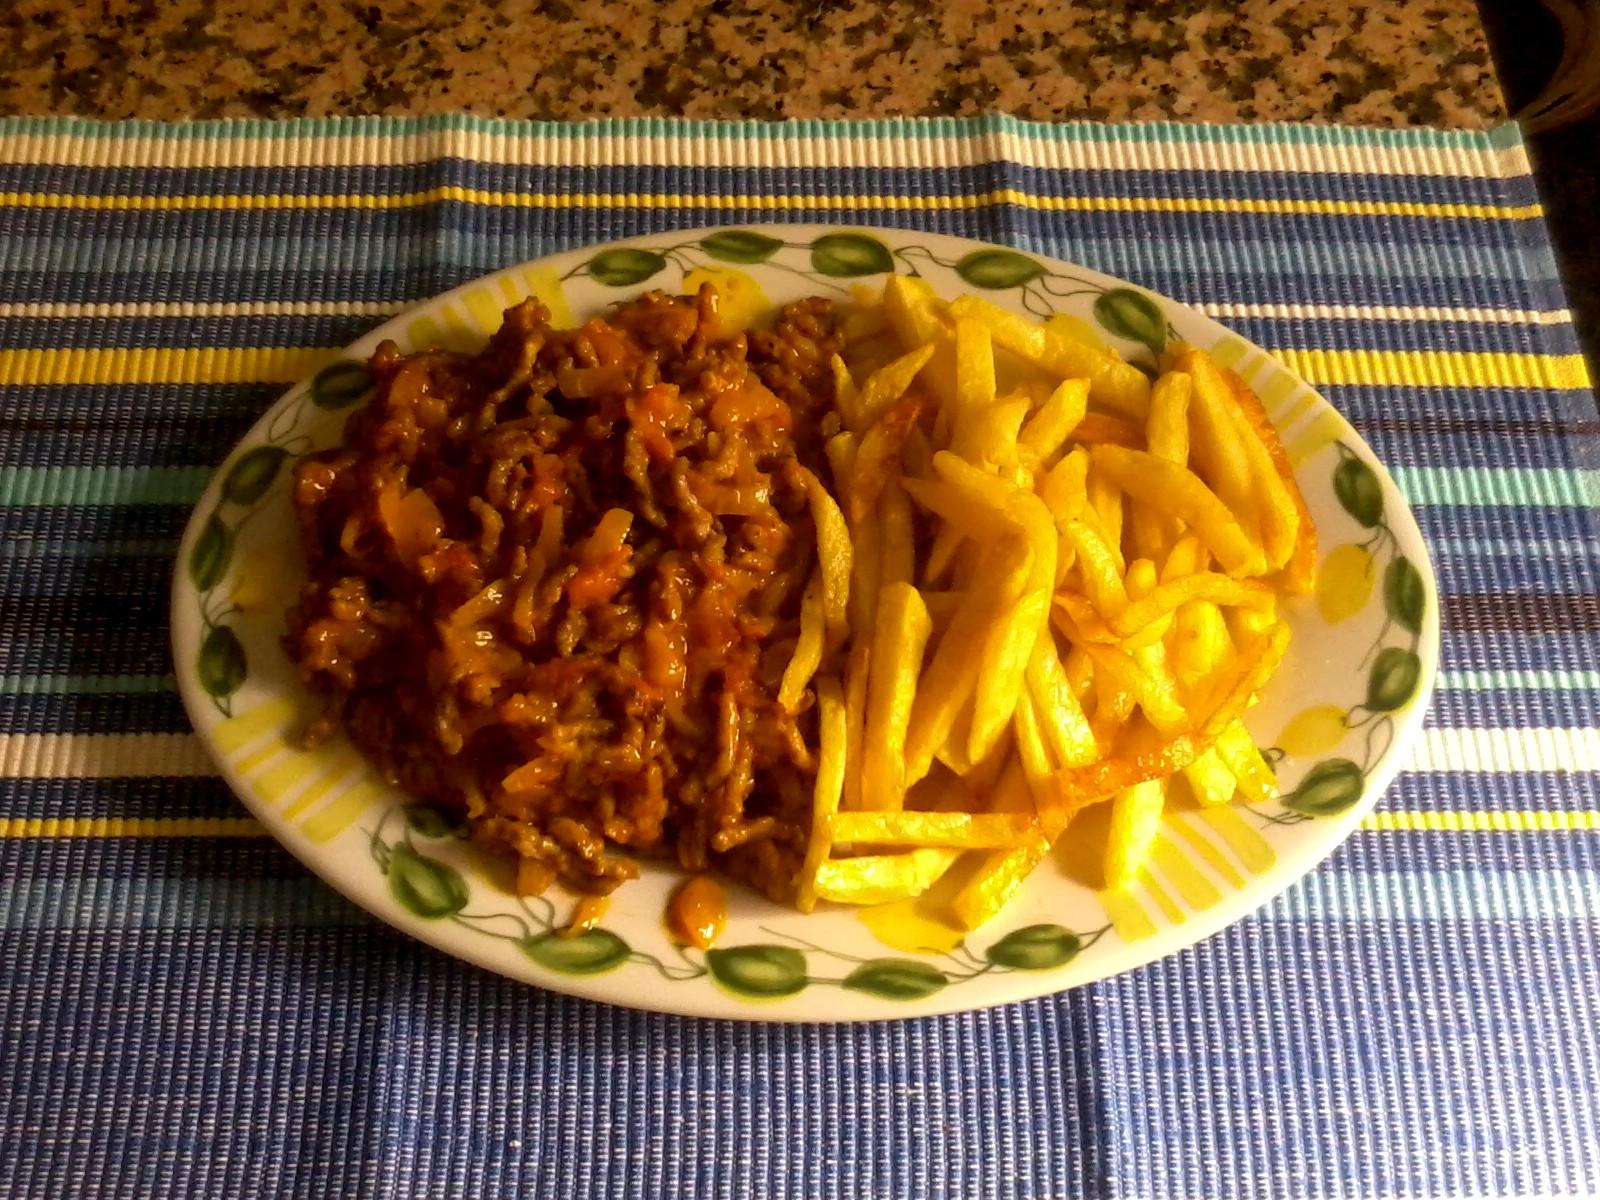 Inmacocinillas carne picada a las hiervas con patatas fritas - Que cocinar con carne picada ...